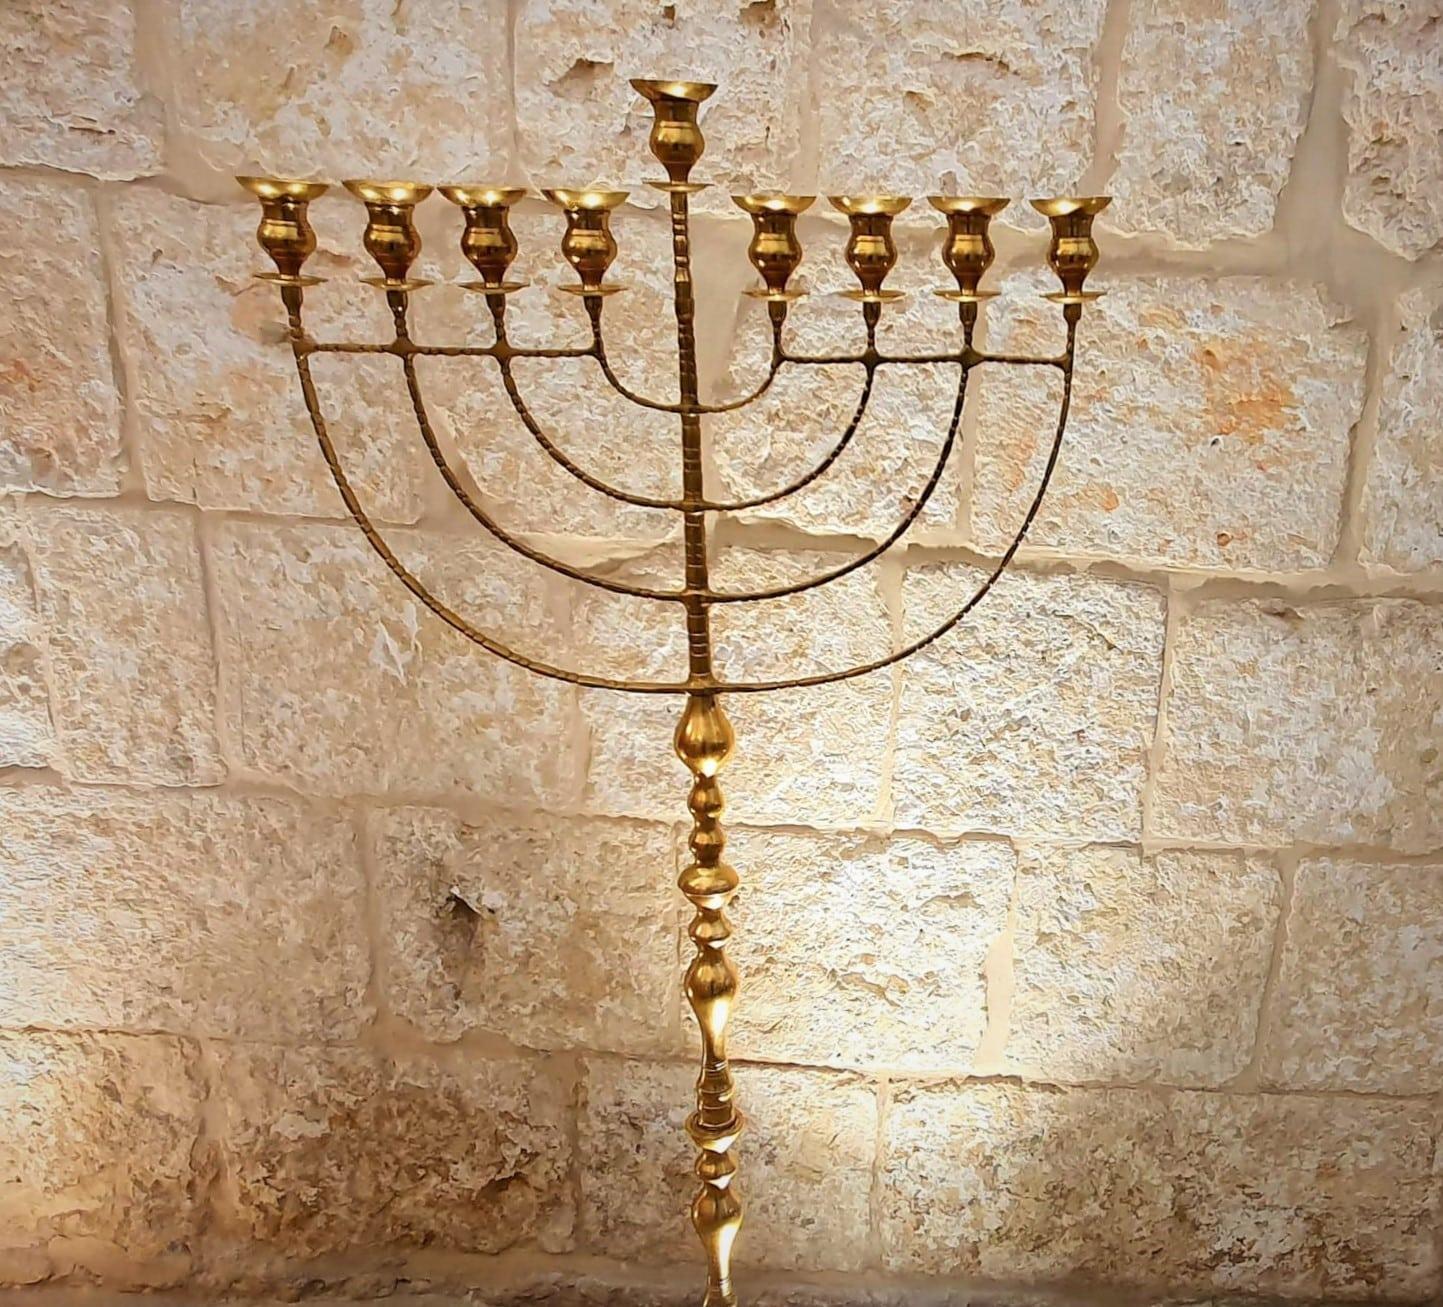 הדלקת נרות חנוכה באתרים הקדושים